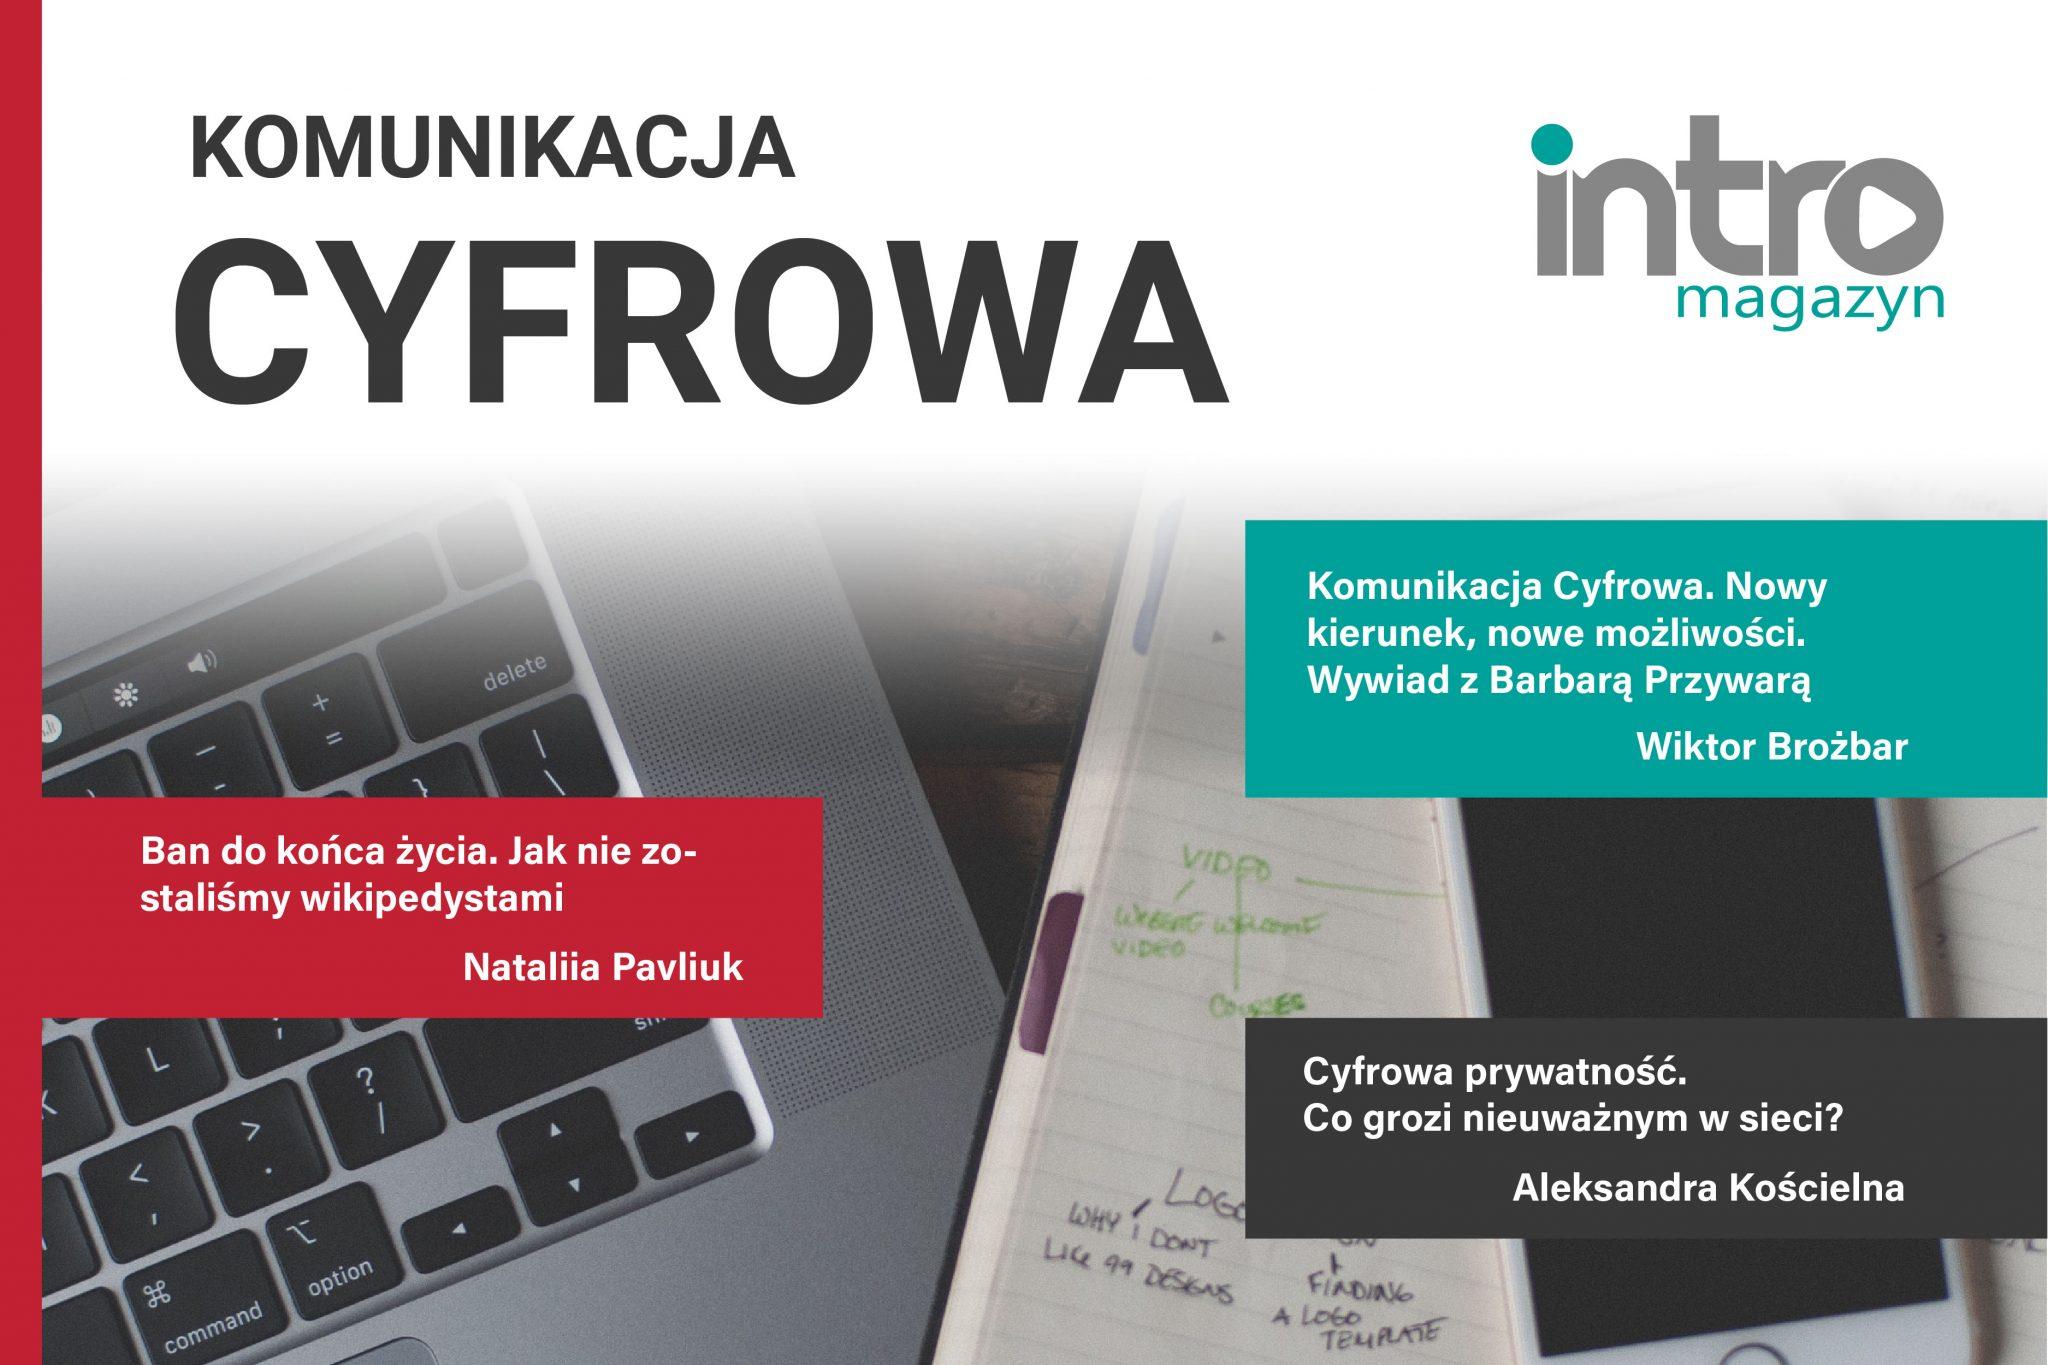 Nowy Intro Magazyn okomunikacji cyfrowej